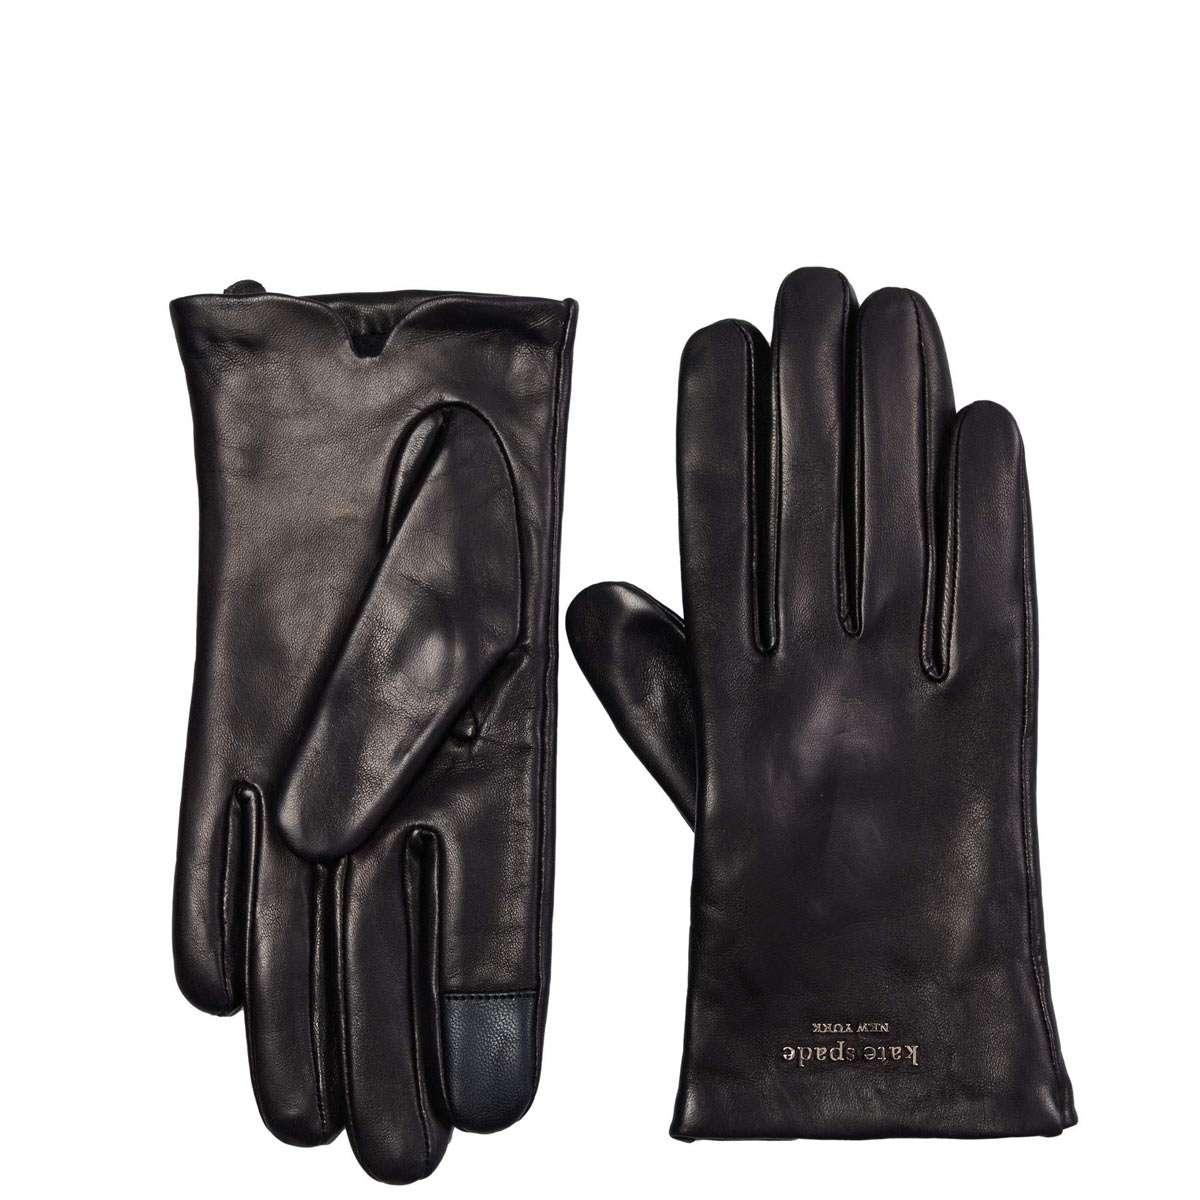 使い勝手の良い ケイトスペード 手袋 レディース ブランド 革 レザー SPADE KATE ブラック 激安セール NEW YORK 黒